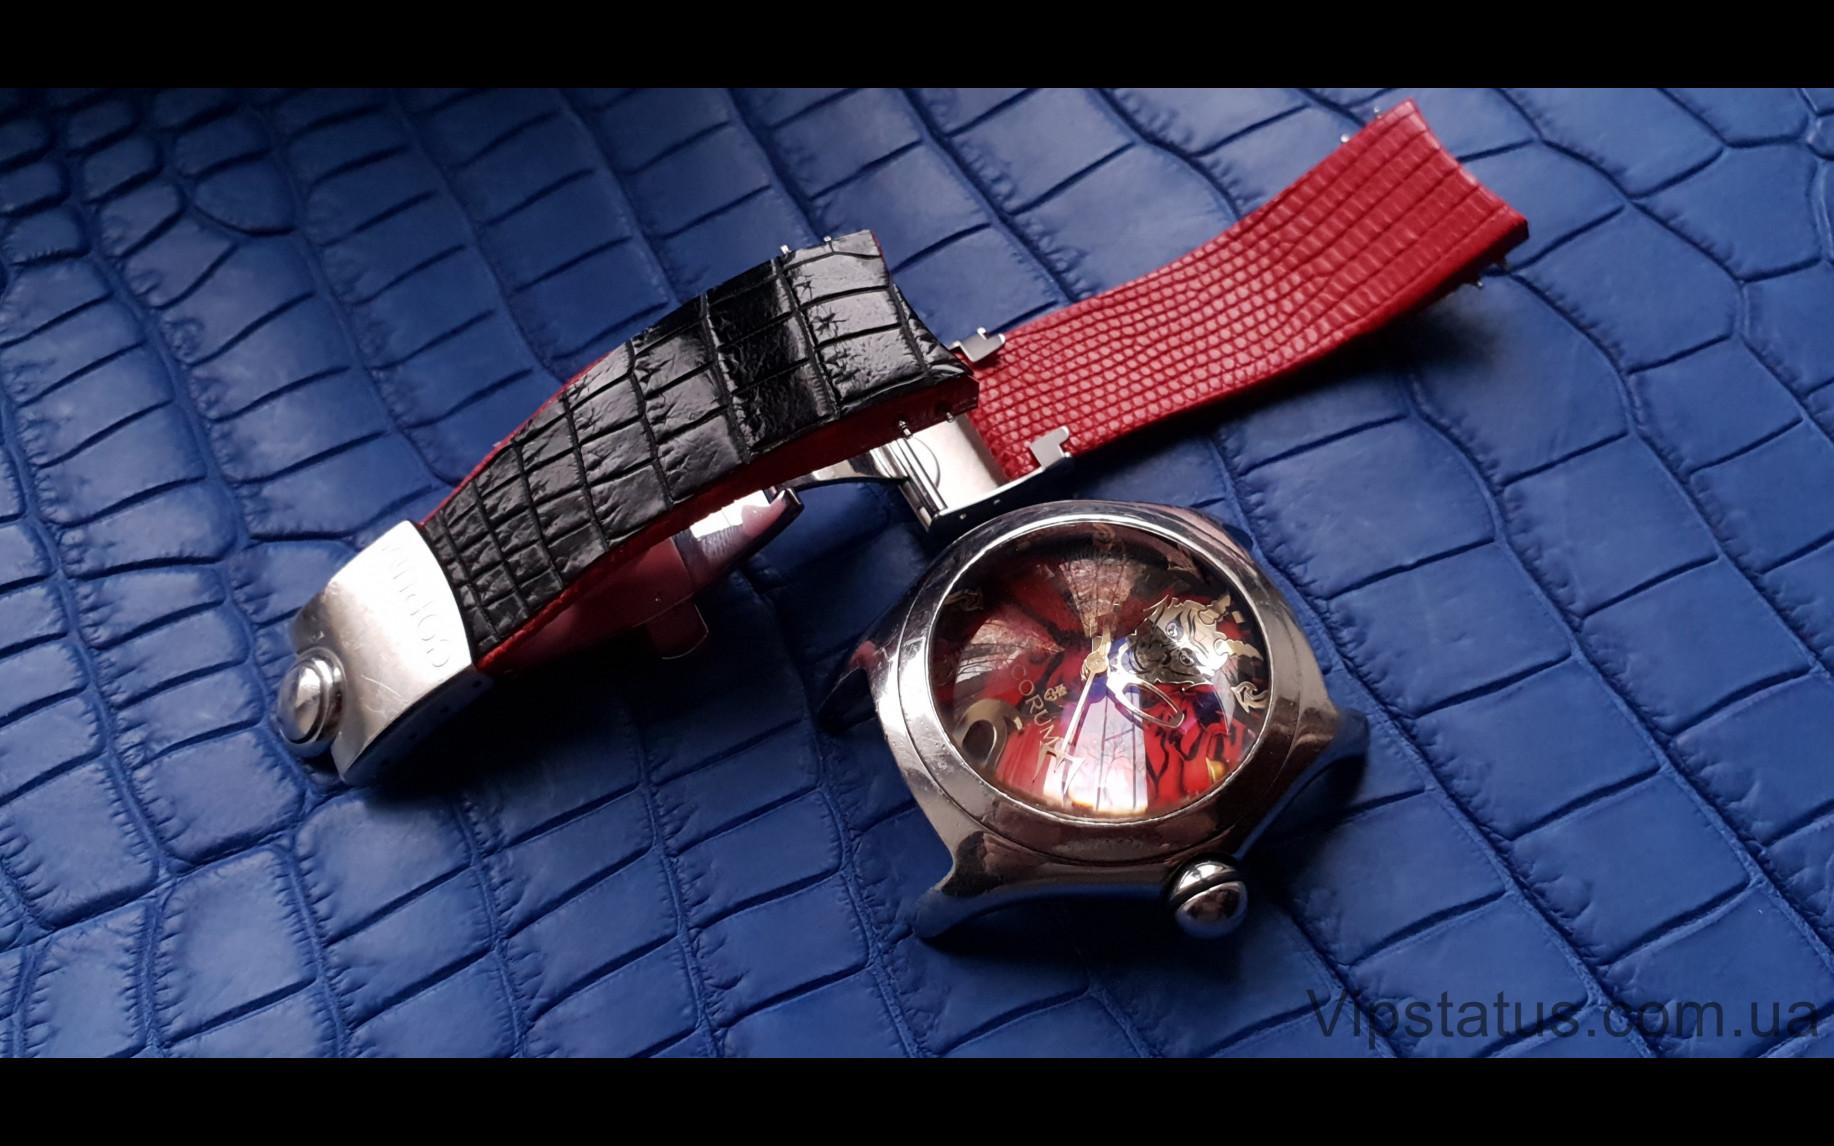 Elite Элитный ремешок для часов Corum Bubble Lucifer кожа крокодила Elite Crocodile Strap for Corum Bubble Lucifer watches image 3